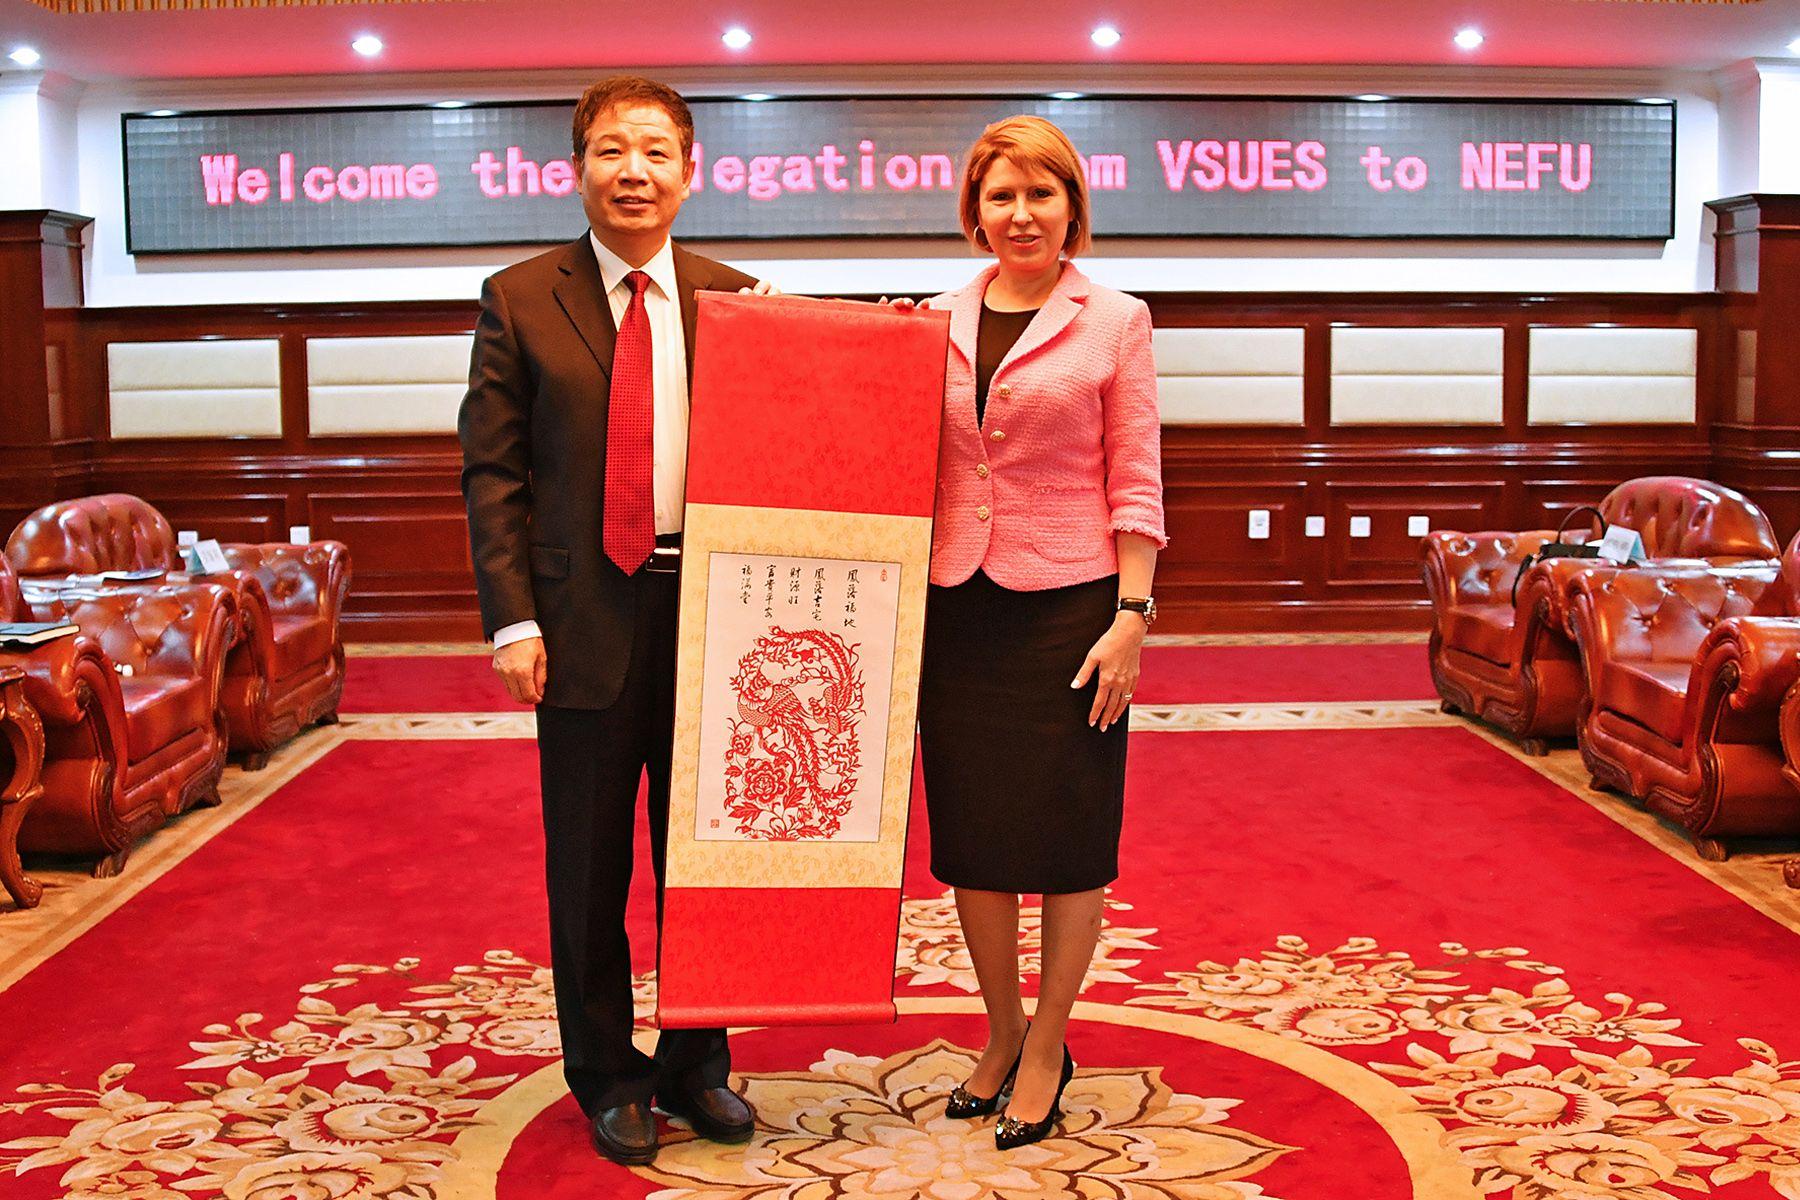 Ученые ВГУЭС и СВУЛХ (КНР) обсудили вопросы регионального сотрудничества на Китайско-российской международной научной конференции